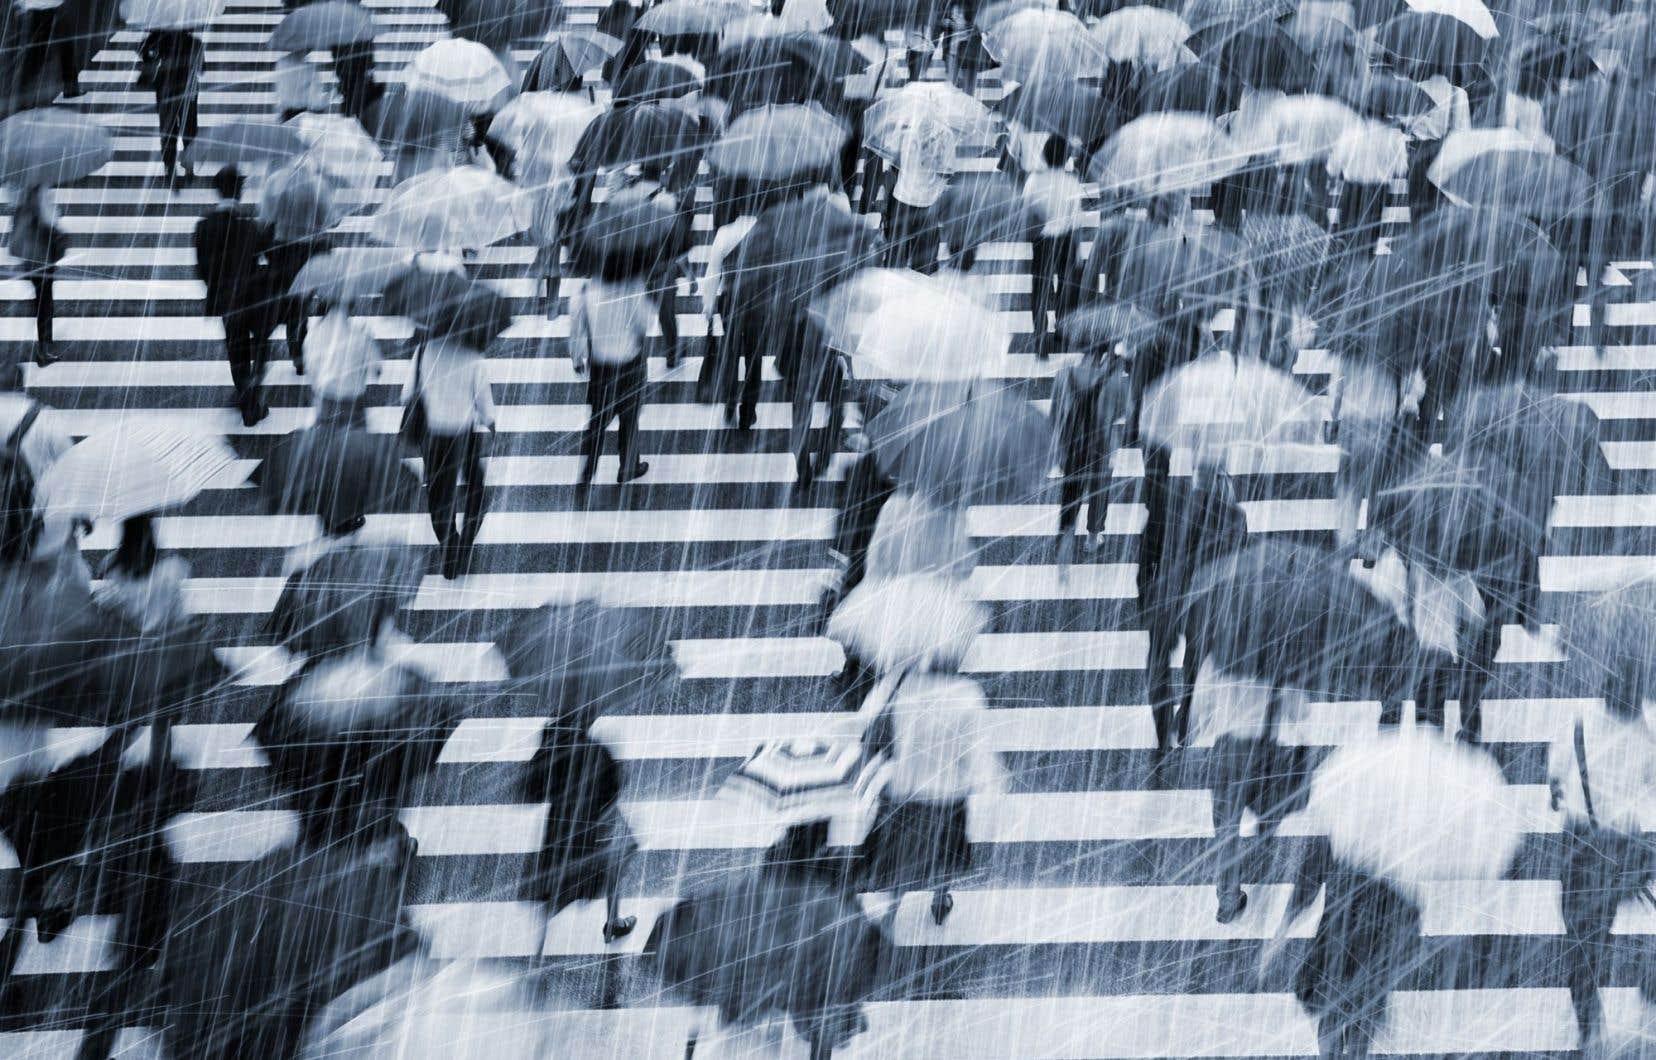 «On dit de cette pluie qu'elle pousse les gens au suicide, que l'hiver humide met à rude épreuve même les plus forts», écrit Carellin Brooks dans «Cent jours de pluie».